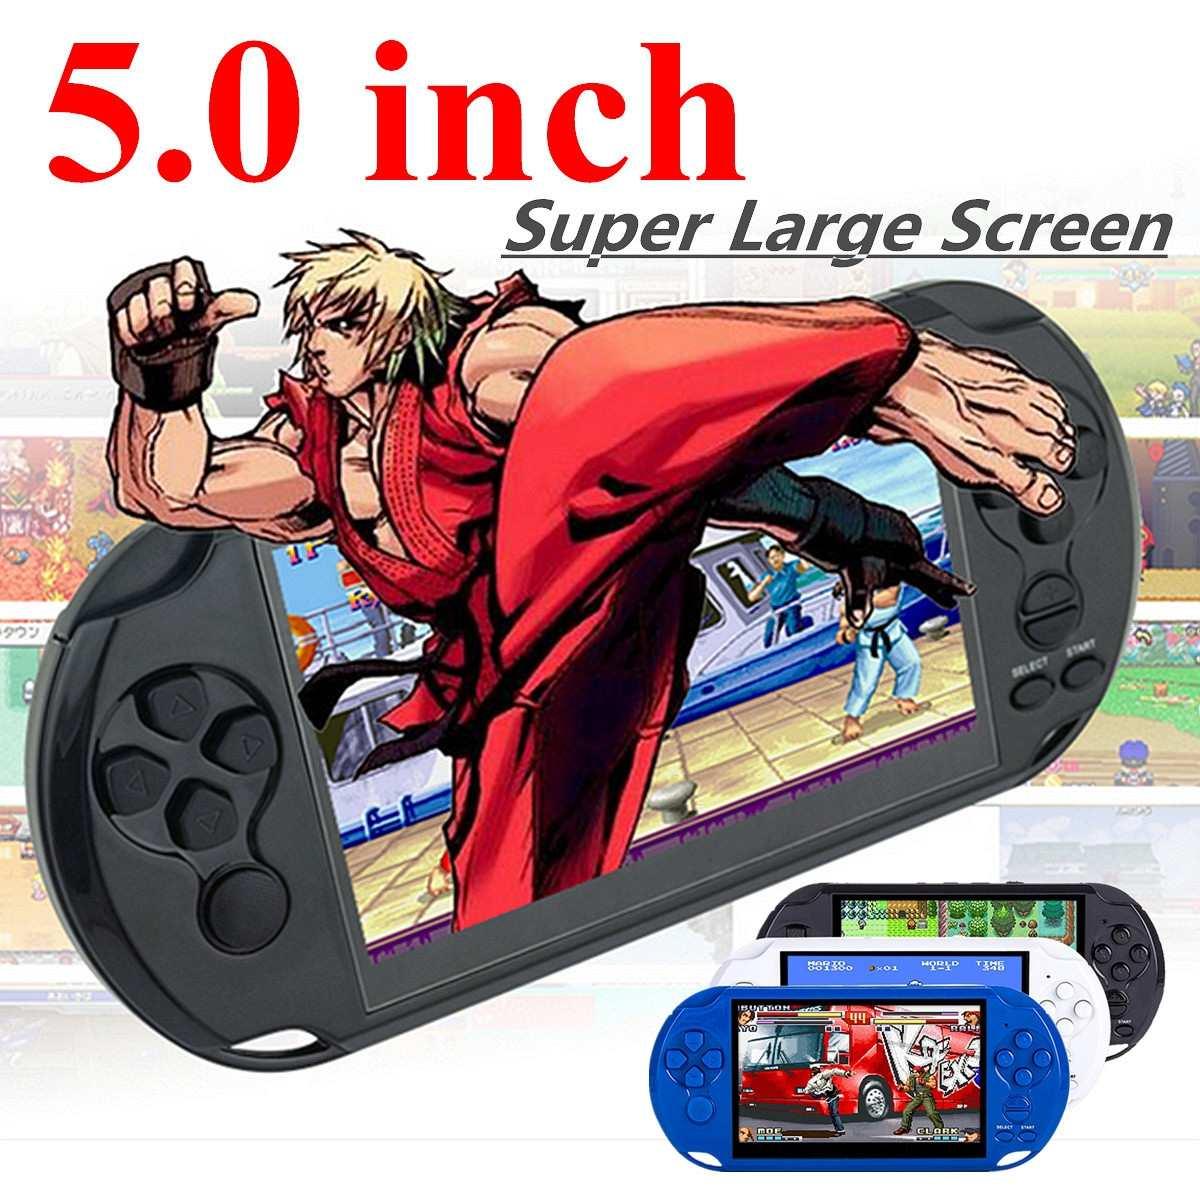 Portable Spielkonsolen Diskret X9 Wiederaufladbare 5,0 Zoll 8g Handheld Retro Spiel Konsole Video Mp3 Player Kamera Dv Schießen Multi-sprachen Net 32/64 Bit Hohe QualitäT Und Preiswert